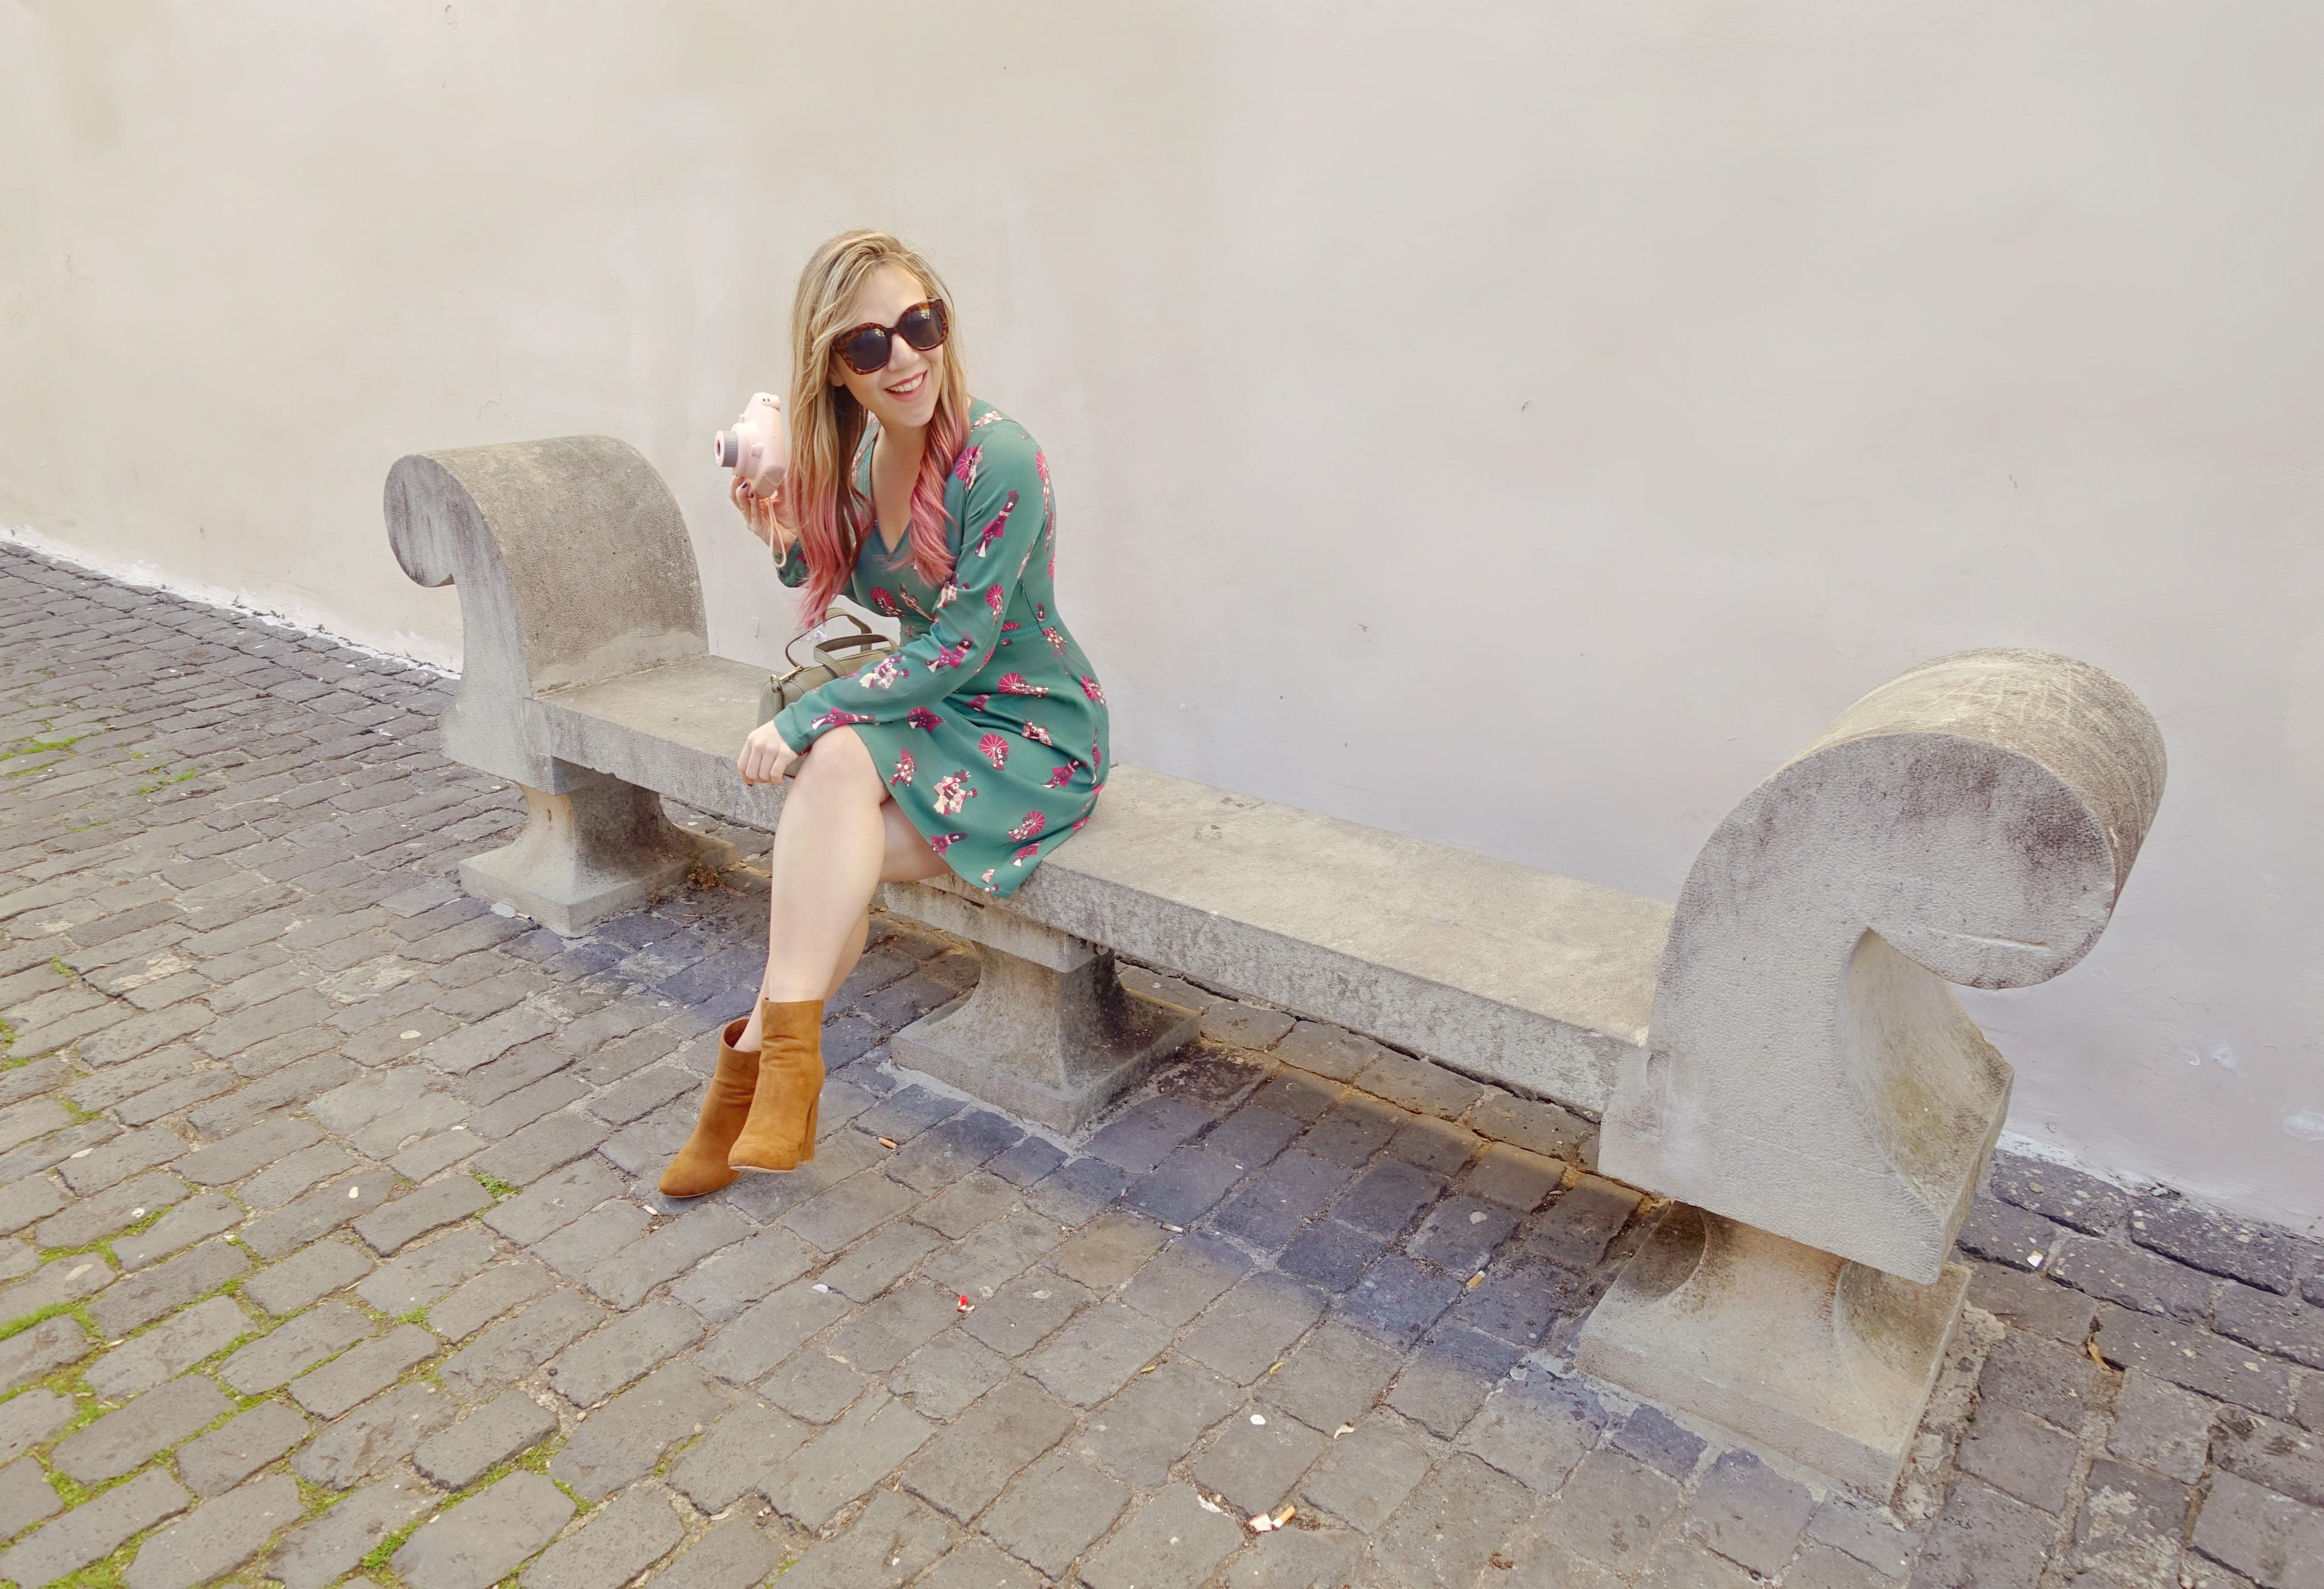 Fashionista-blog-de-moda-vestidos-surkana-ChicAdicta-influencer-Chic-Adicta-vestido-verde-estampado-hippie-PiensaenChic-Piensa-en-Chic